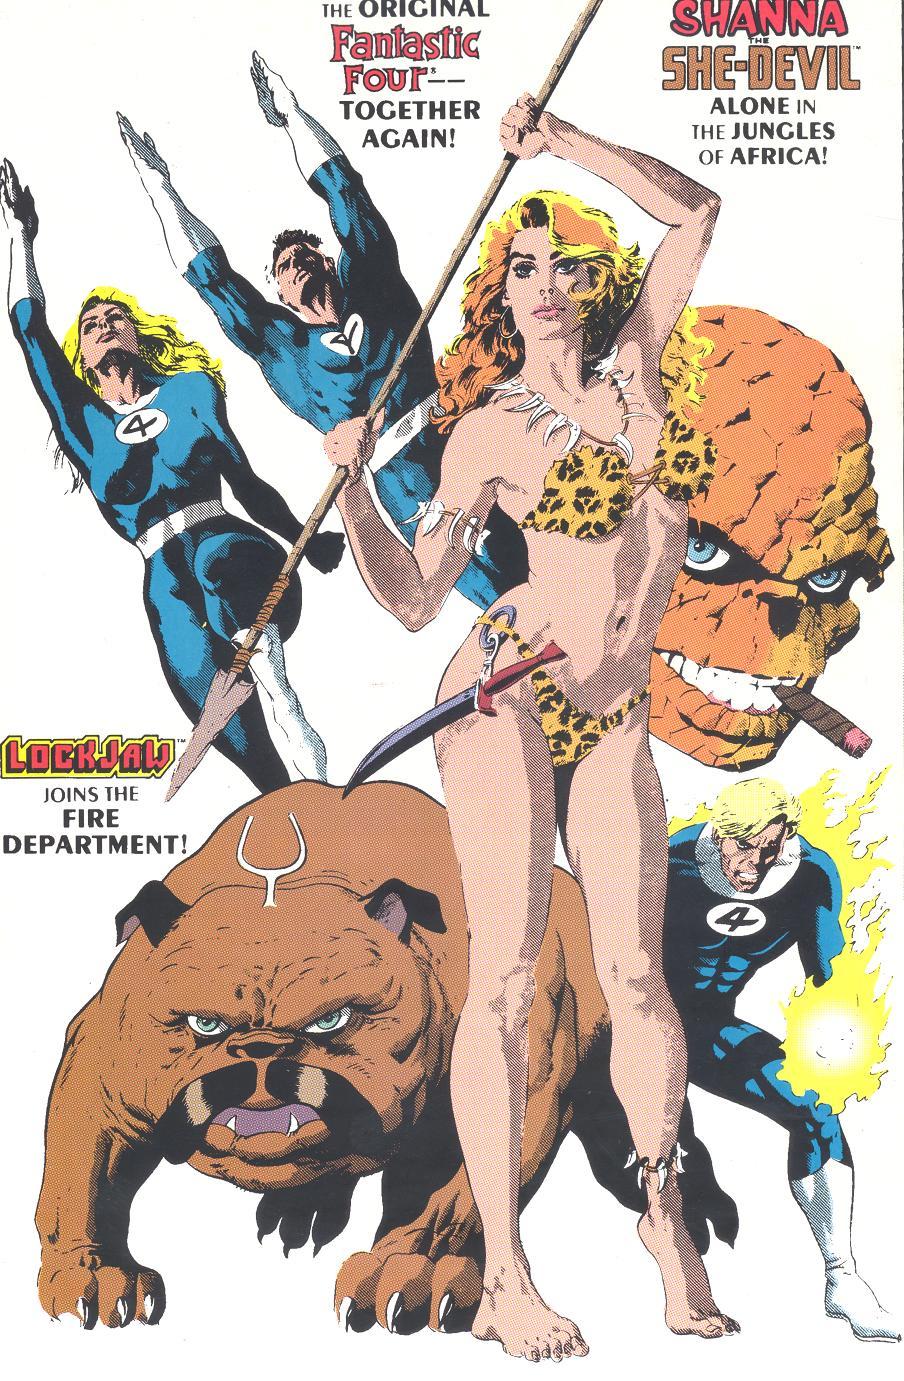 Marvel Comics Presents Vol 1 68 back.jpg